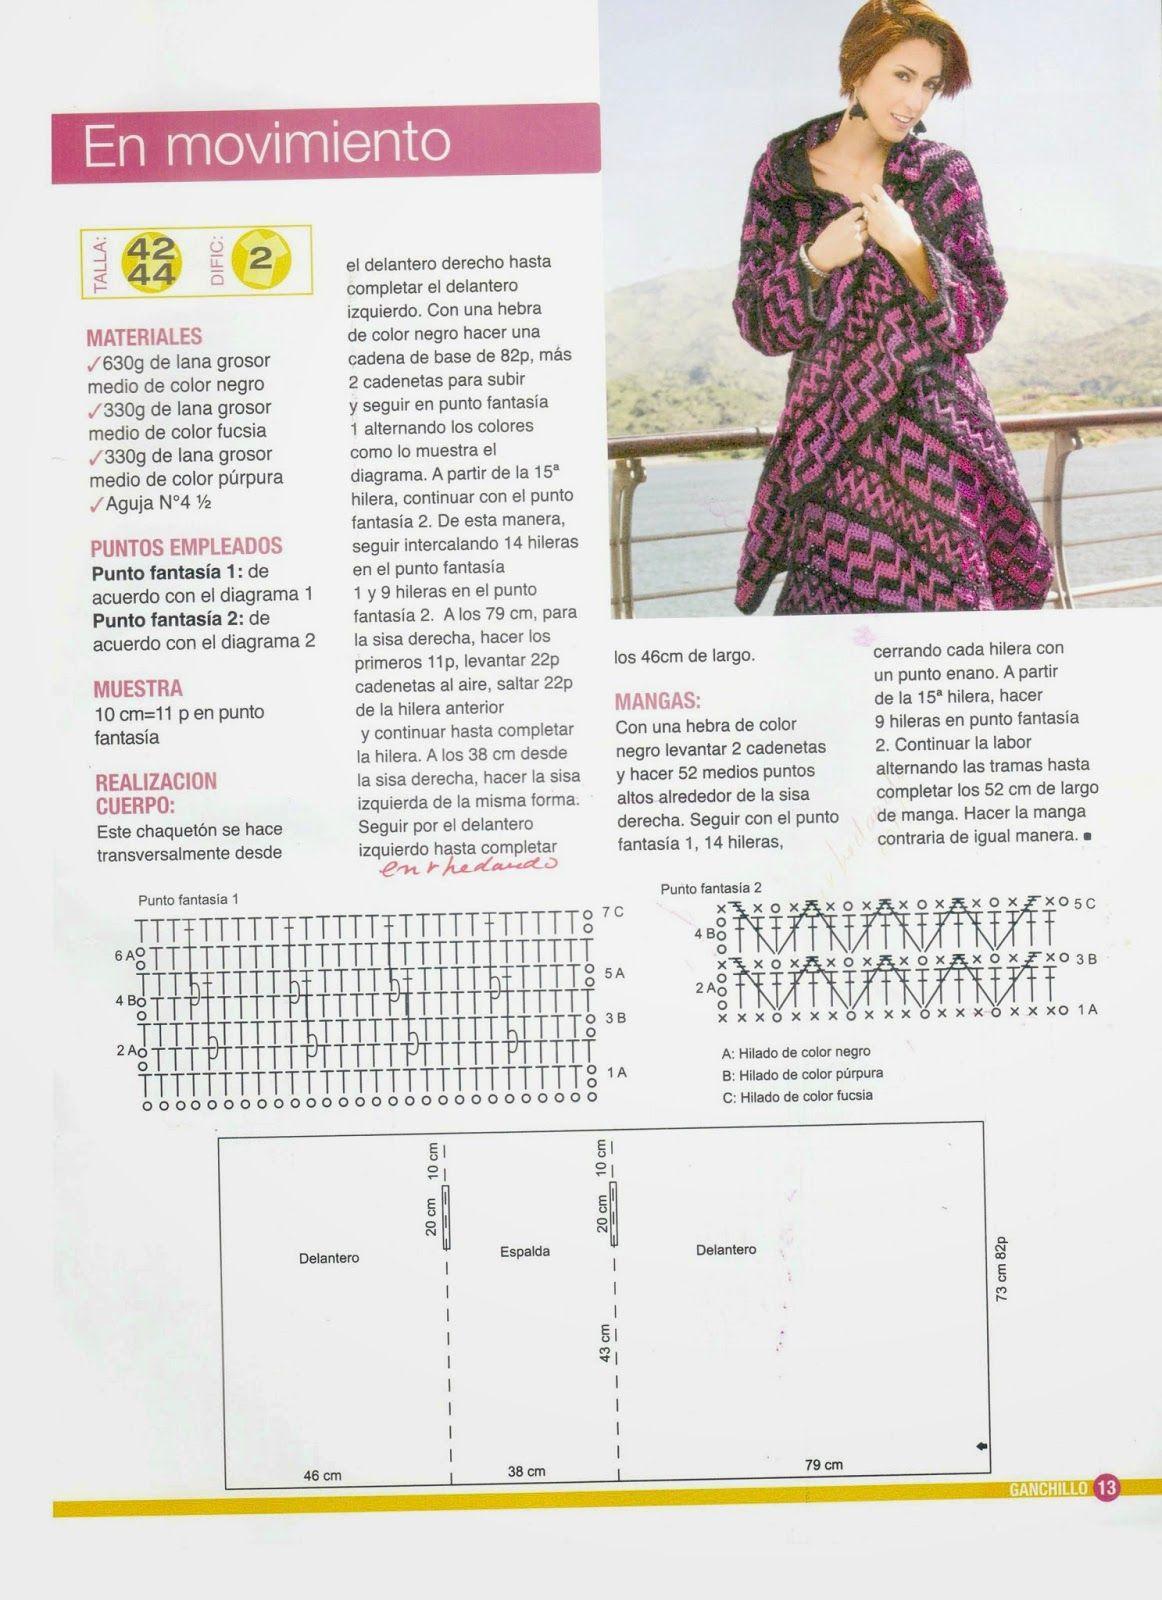 Saco chaqueton etnico crochet rectangular | Diseños | Pinterest ...